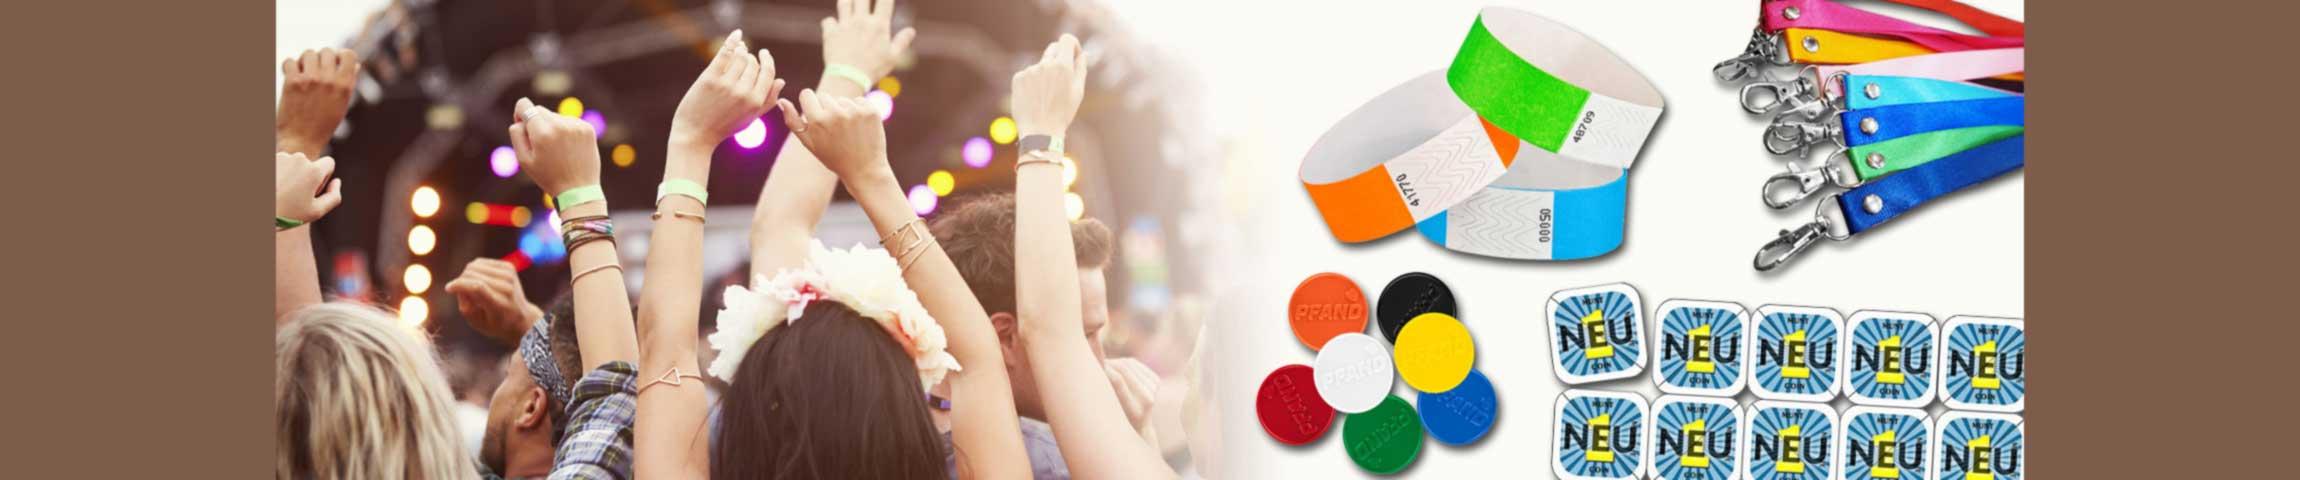 Dein Festival - Dein Festivalbedarf